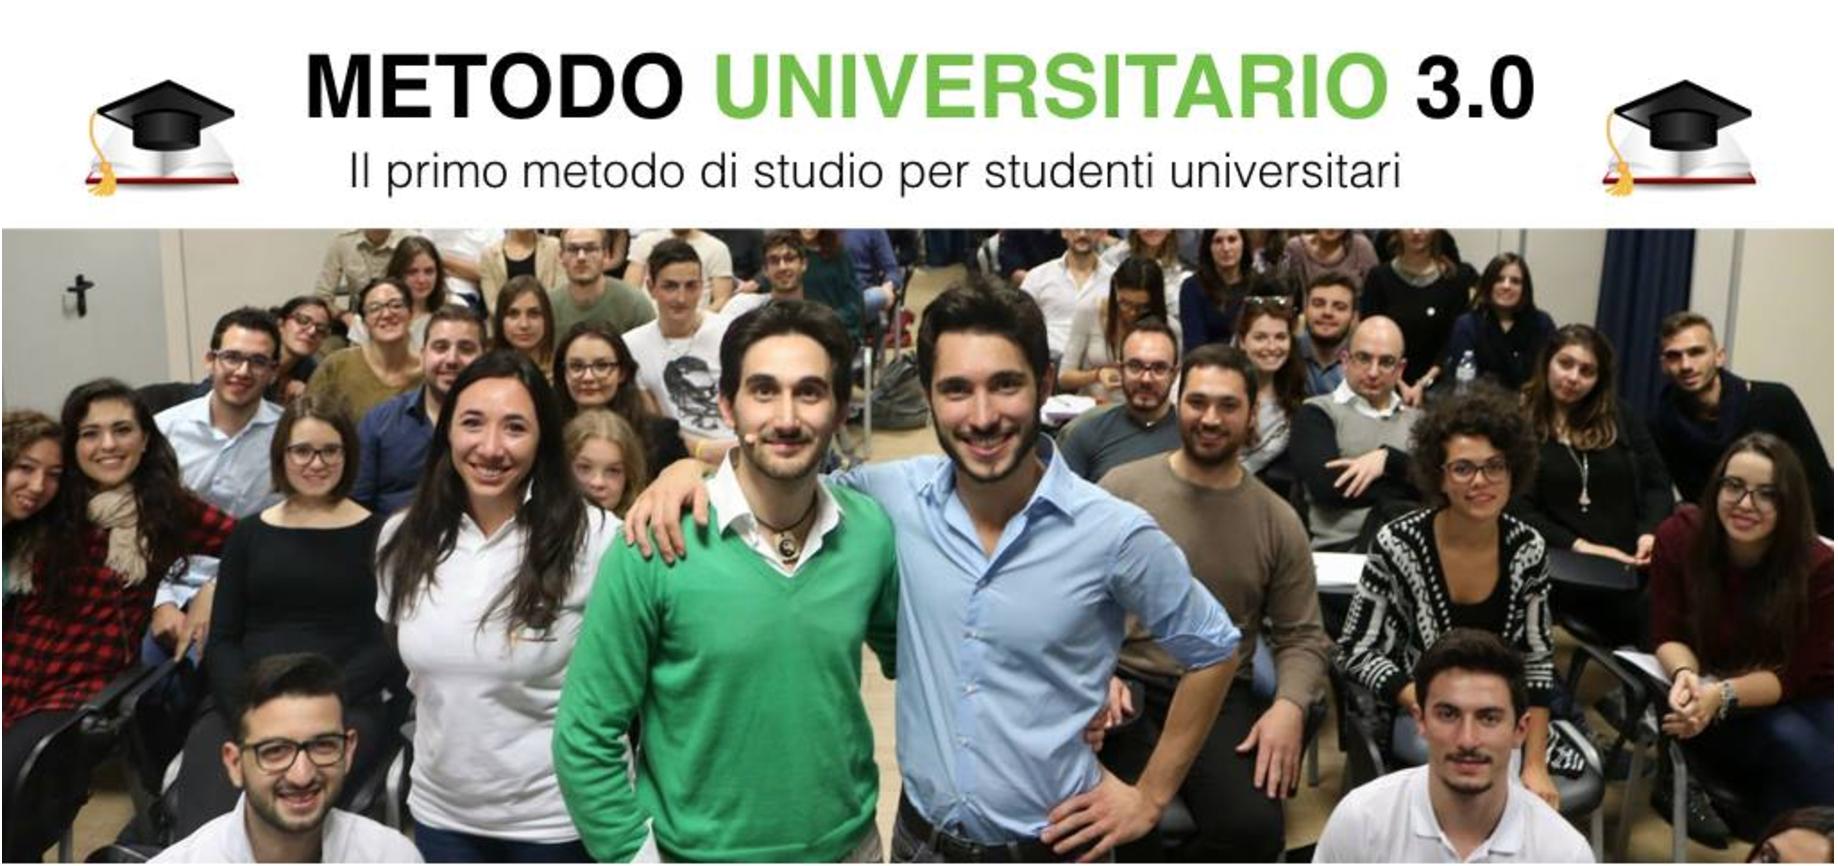 Schermata 2017 01 18 alle 18.40.13 - Metodo di Studio Universitario